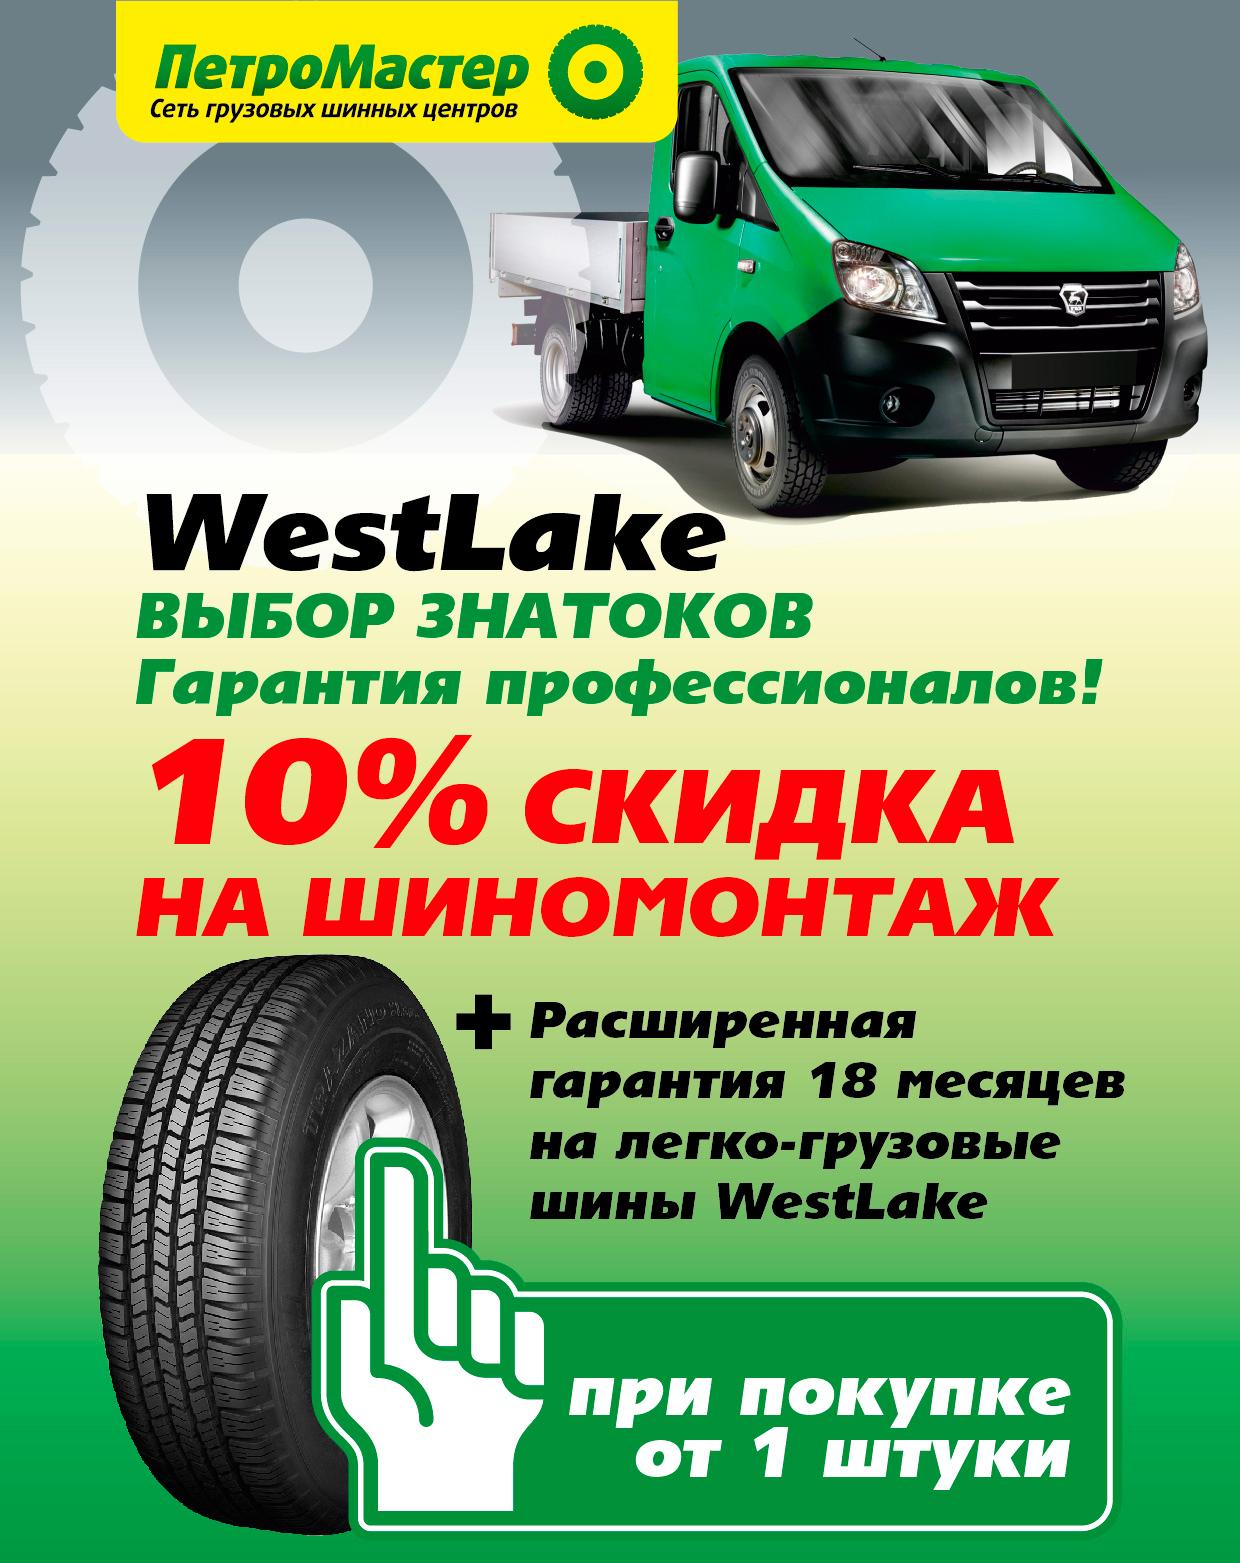 Скидка 10% на услуги шиномонтажа при покупке легкогрузовой шины WestLake